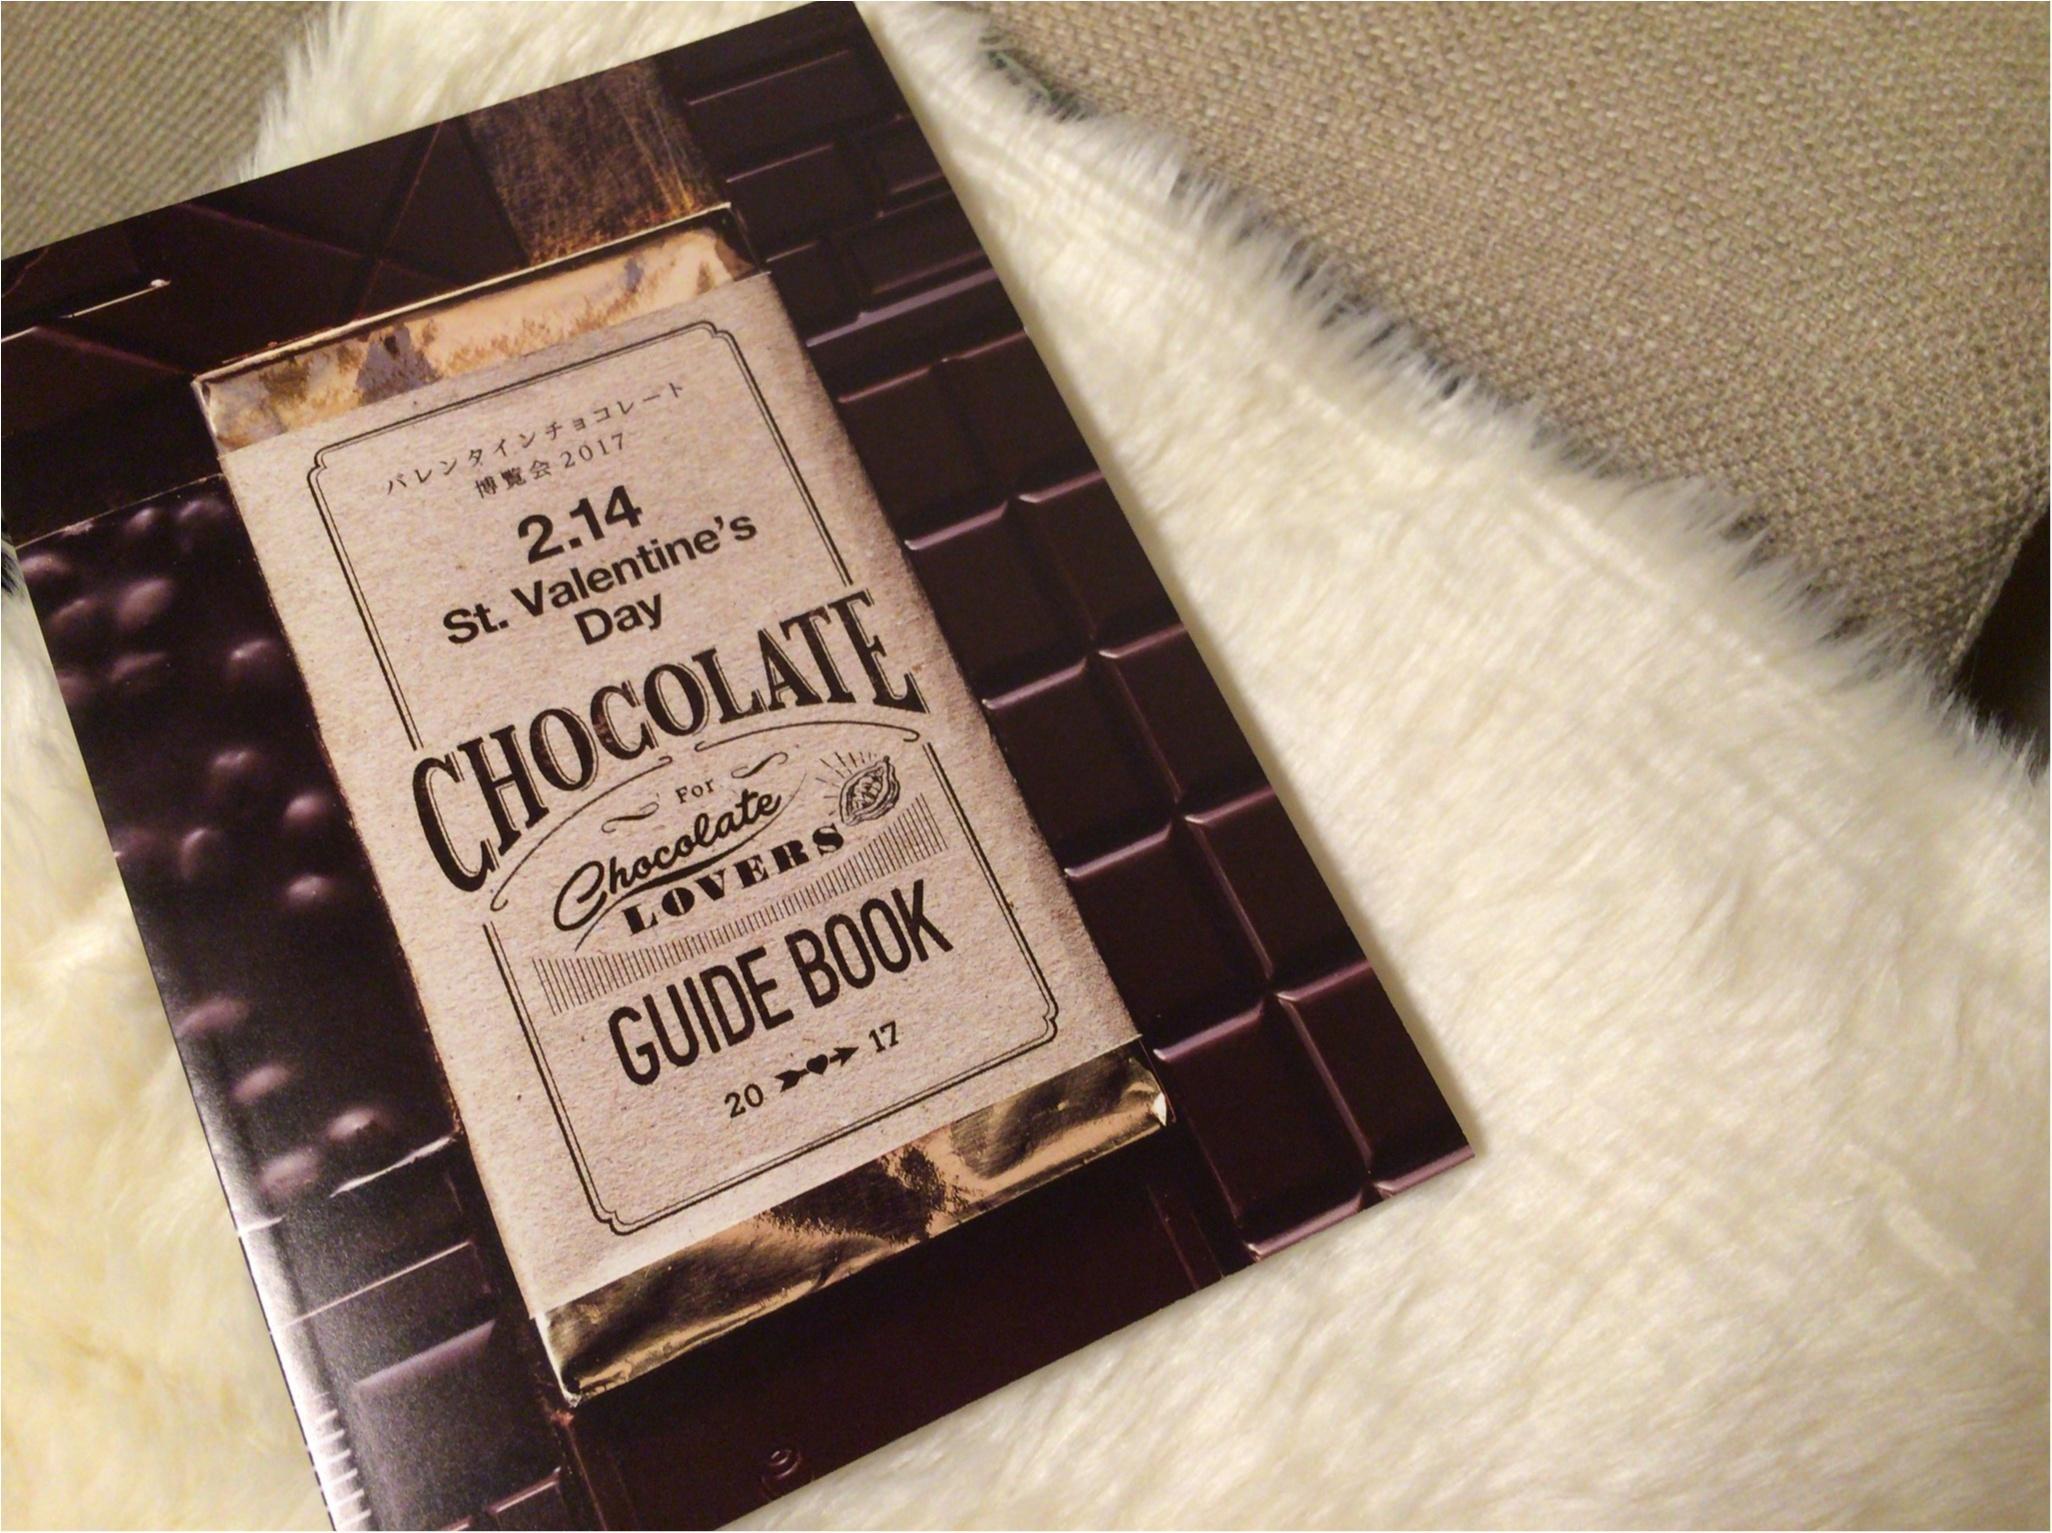 【関西VD情報】バレンタインチョコレート博覧会♡アイス!クレープにカヌレも!《会場スイーツ》食レポ♡_2